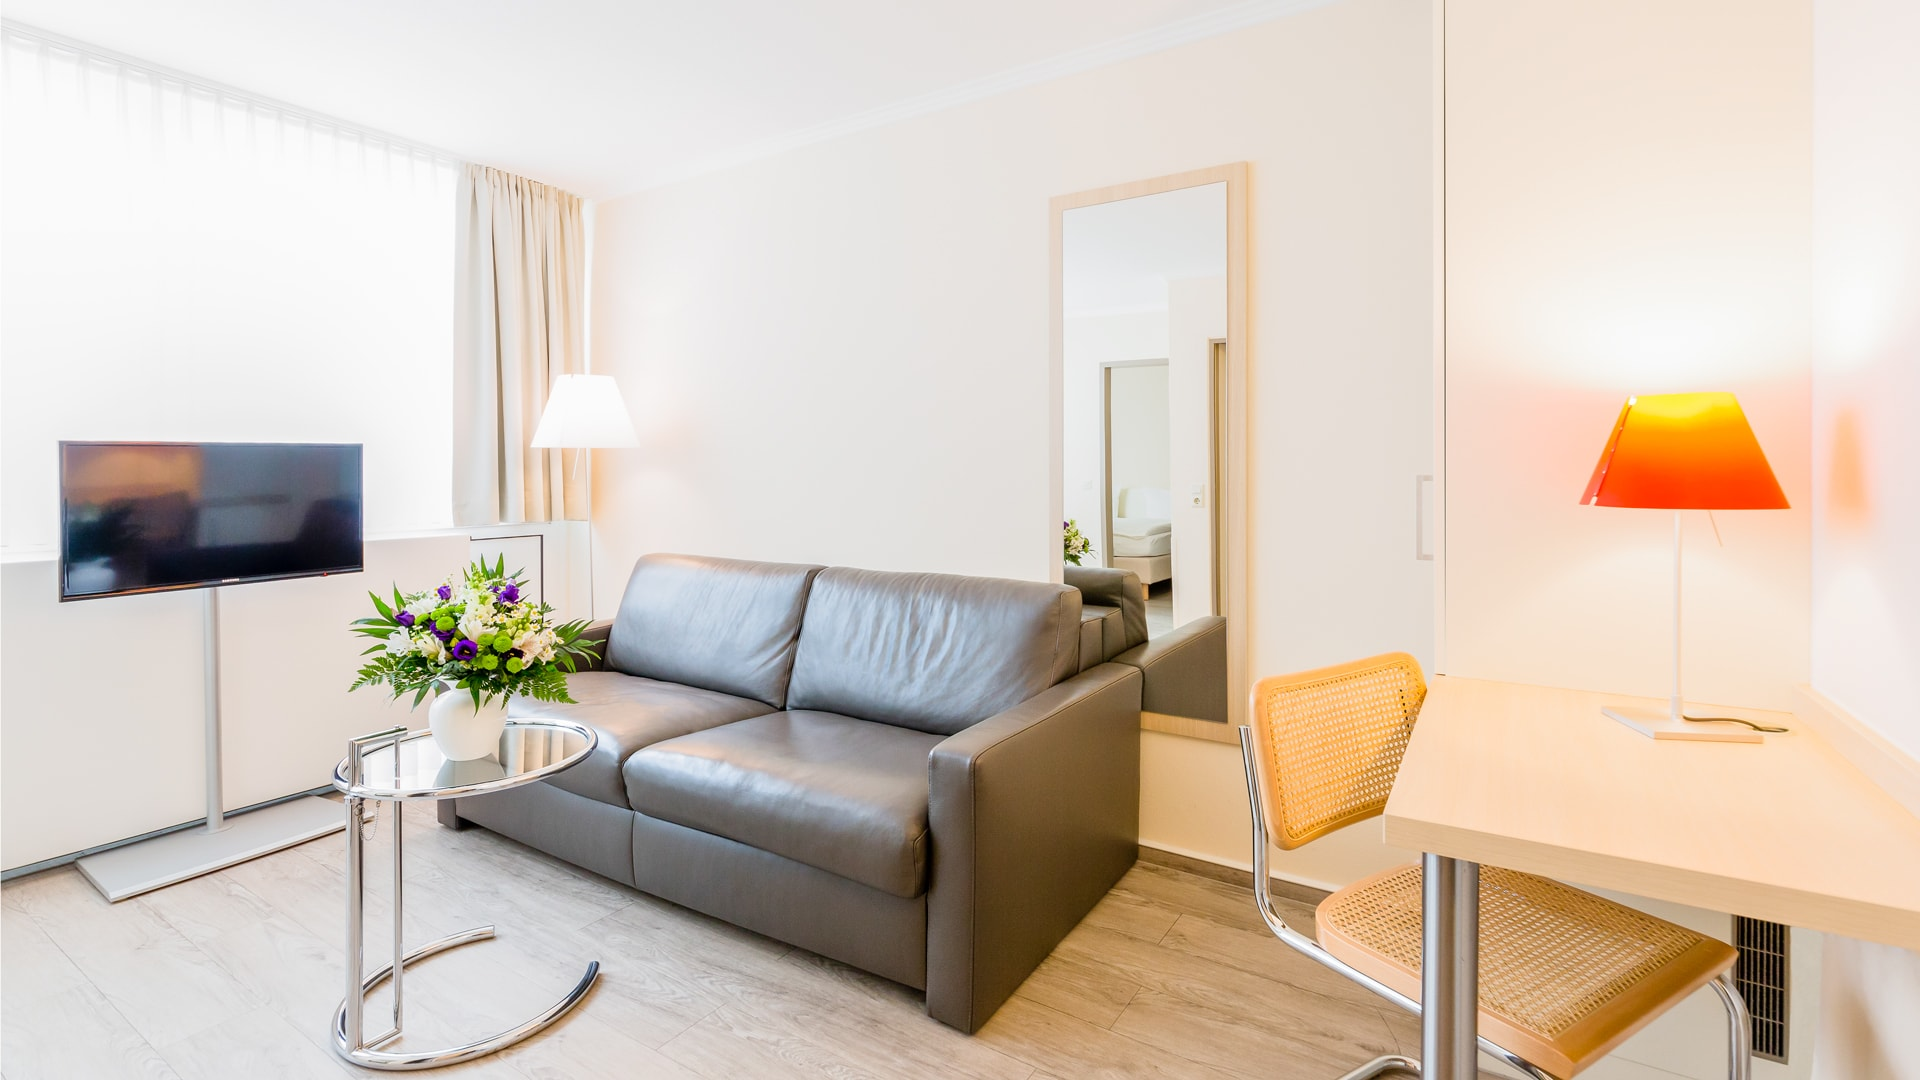 24 Michels_Hotels_Thalassohotel_Nordseehaus_Doppelzimmer_Kajuete_Wohnbereich